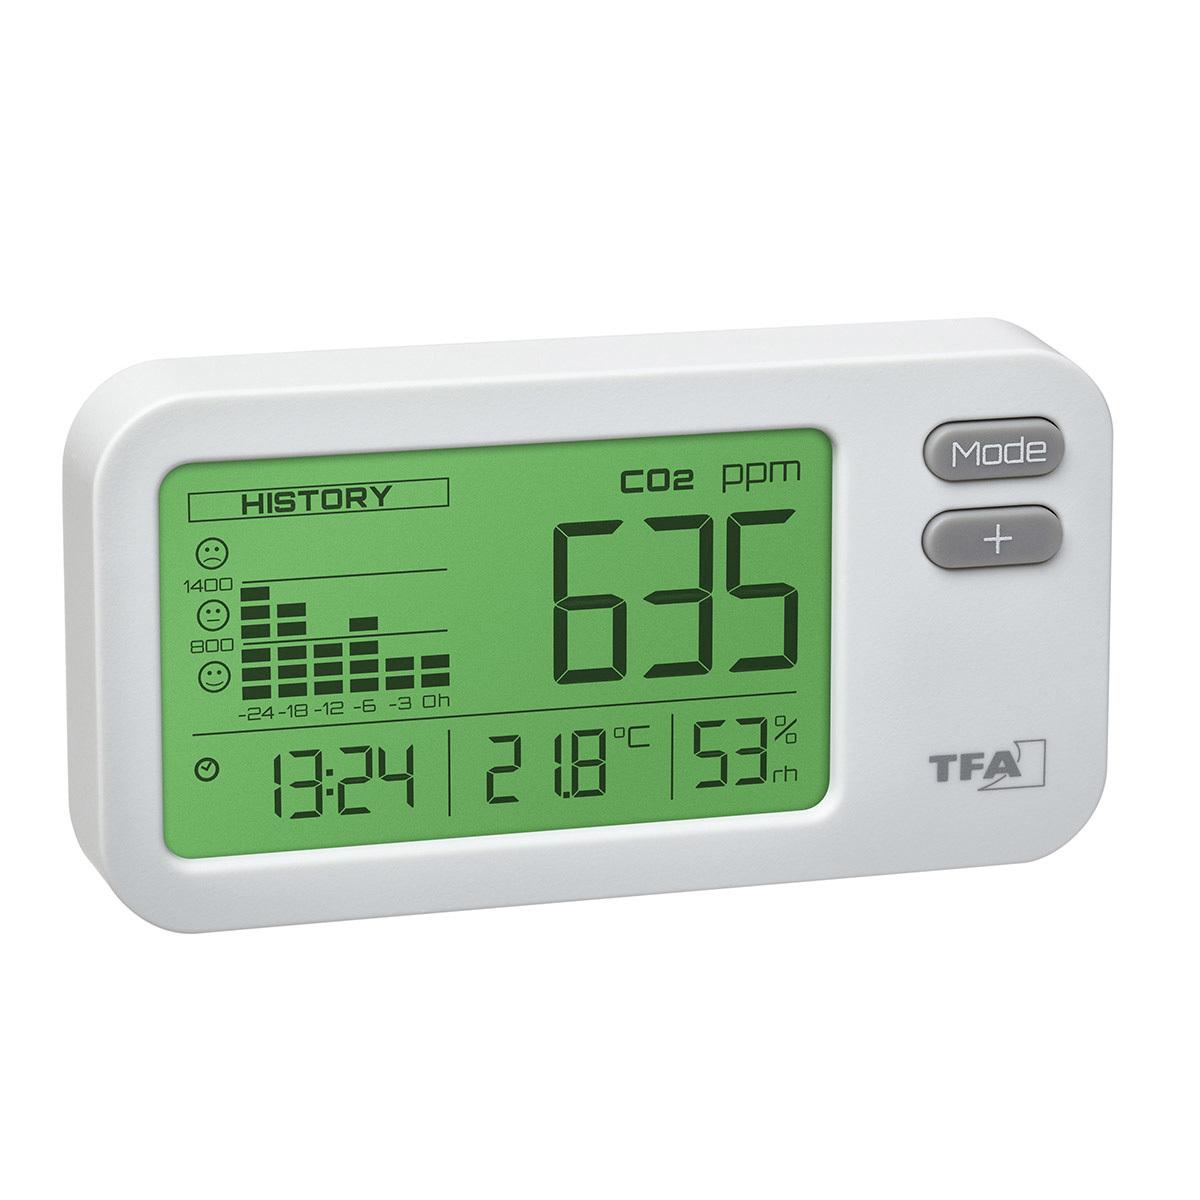 31-5009-02-co2-monitor-airco2ntrol-coach-1200x1200px.jpg